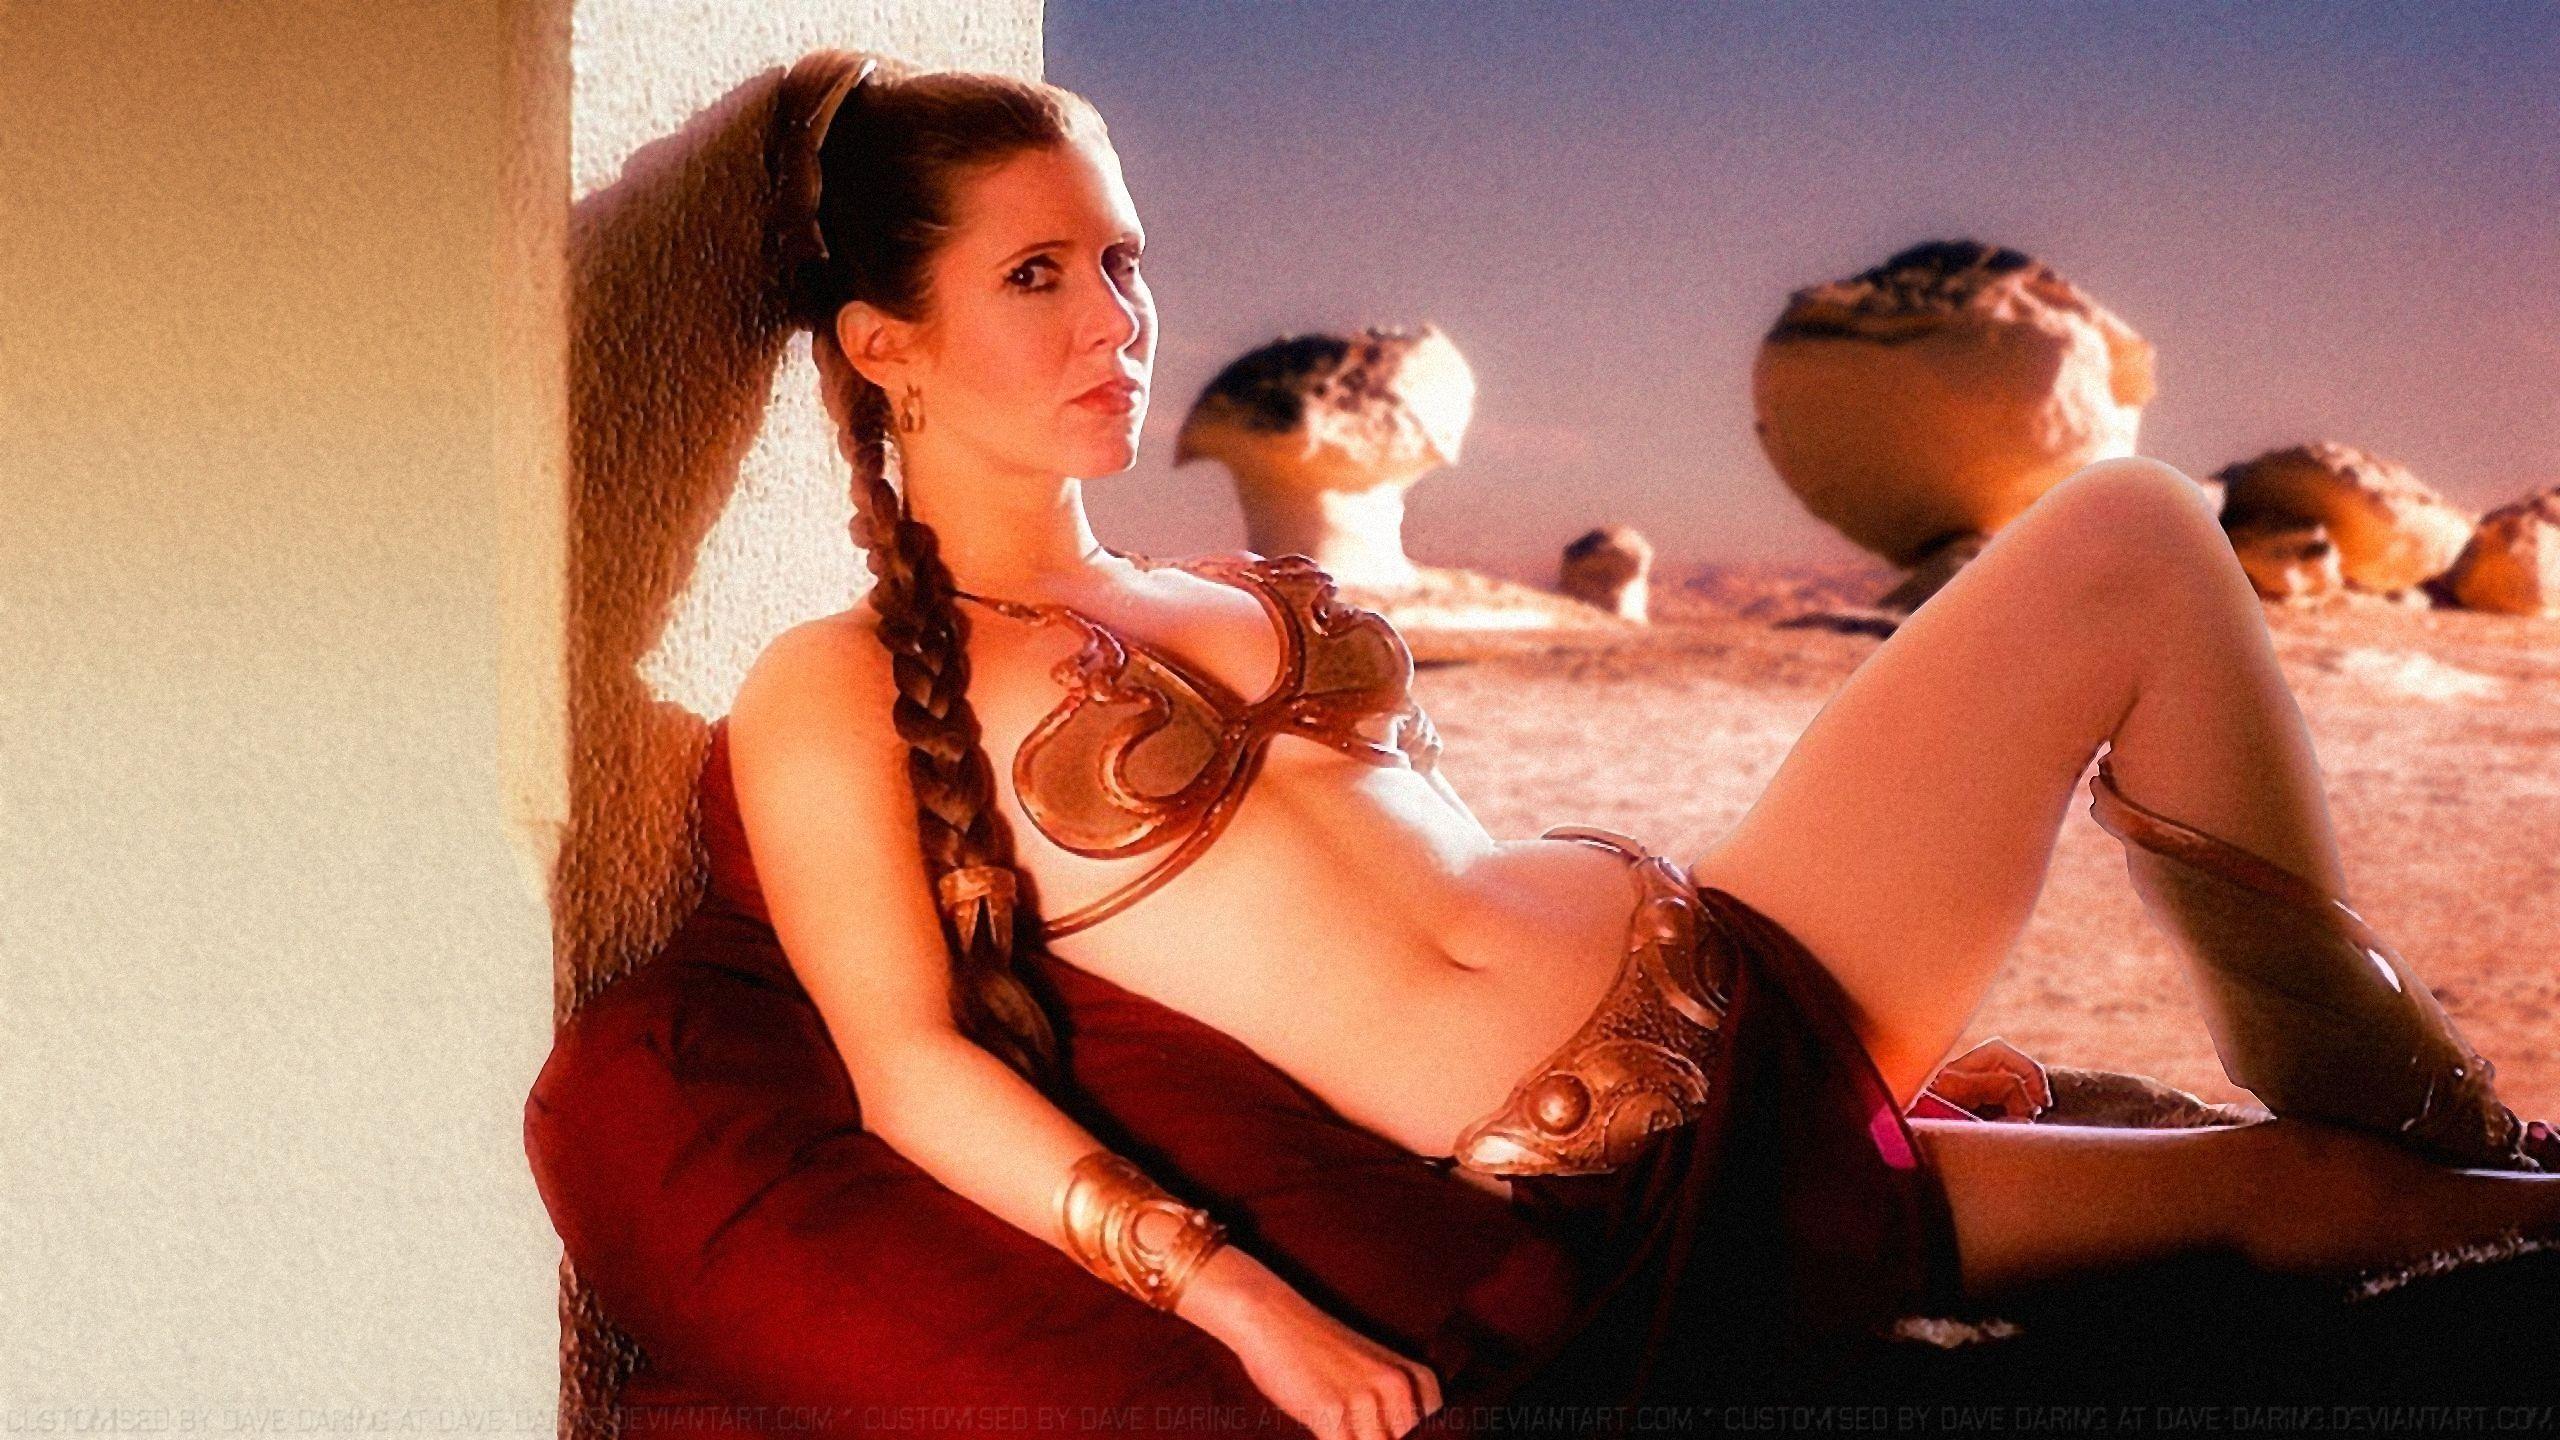 Pin On Slave Leia